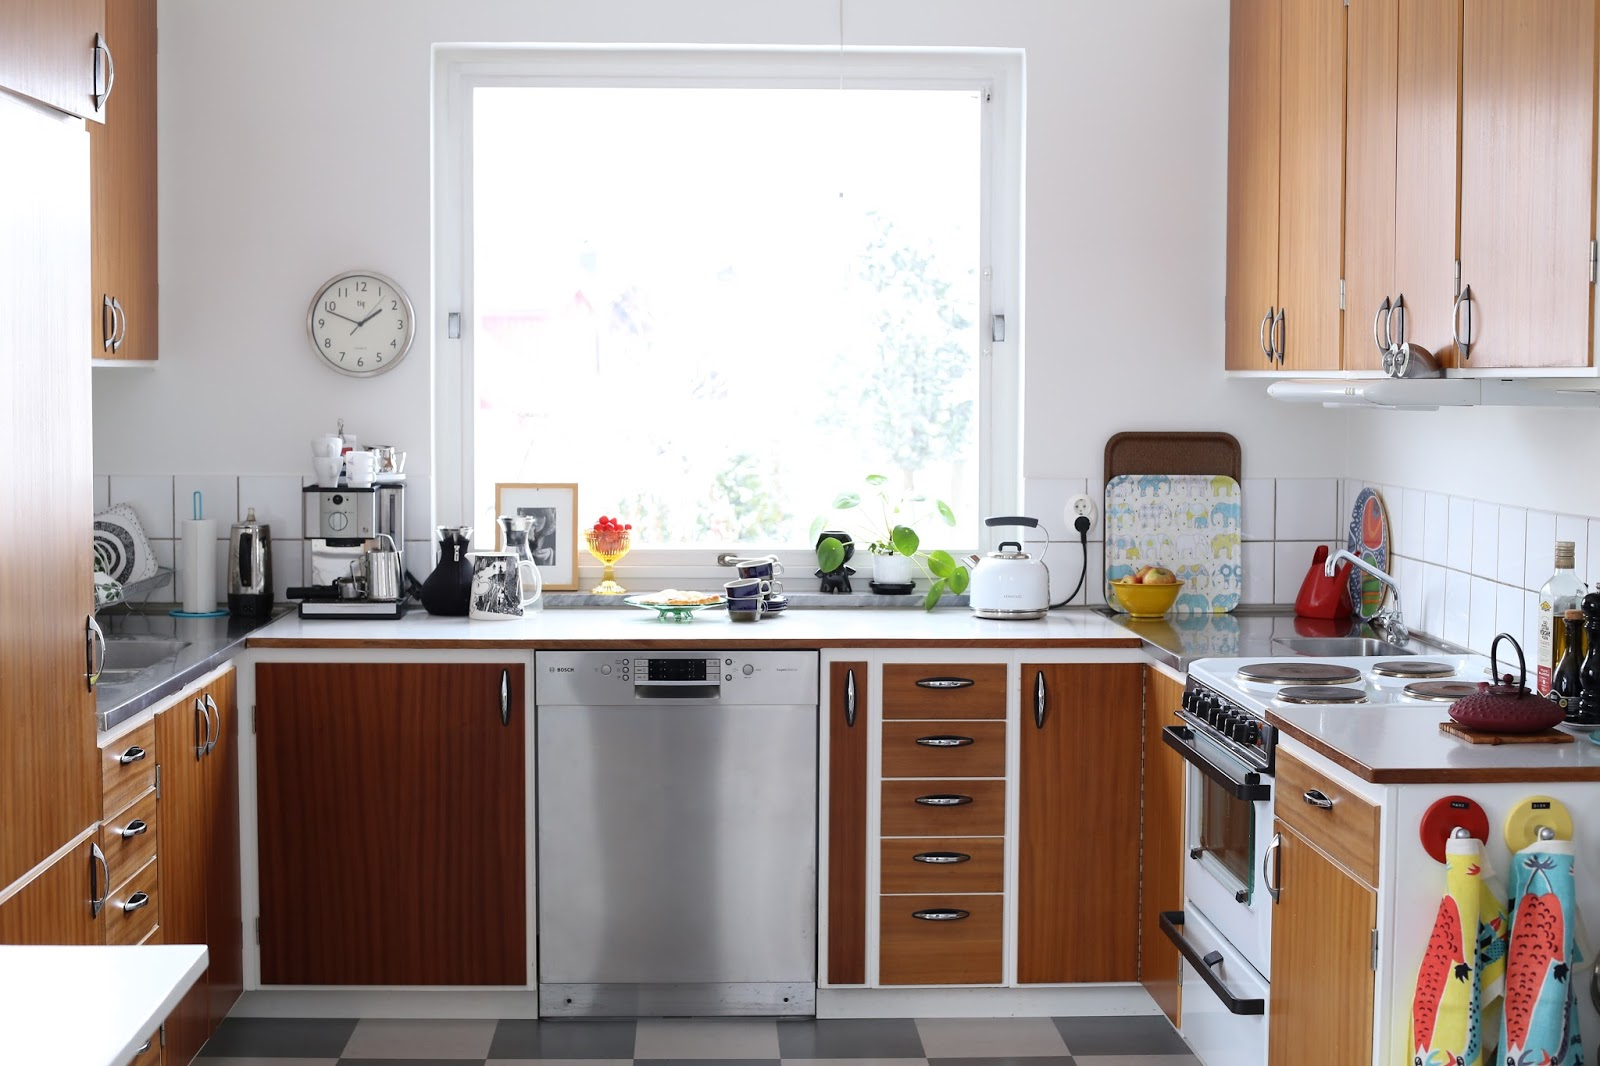 Mitt 60 talshus: köket firar 50 år!